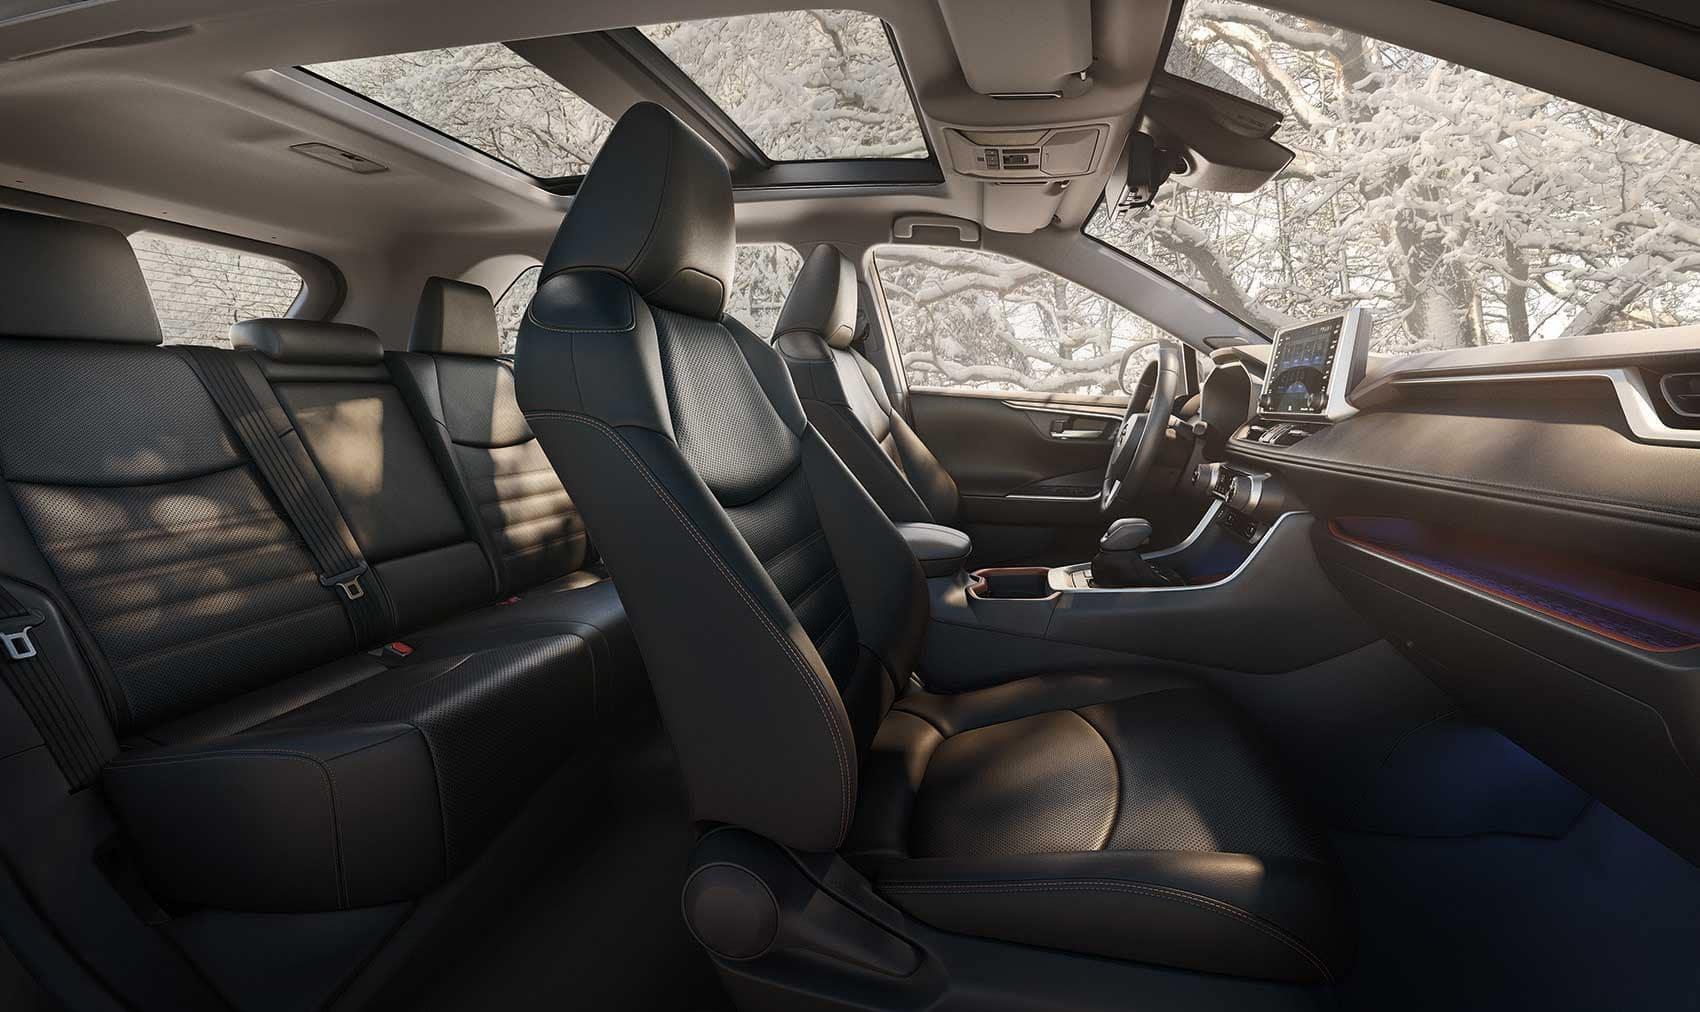 Toyota RAV4 Seating